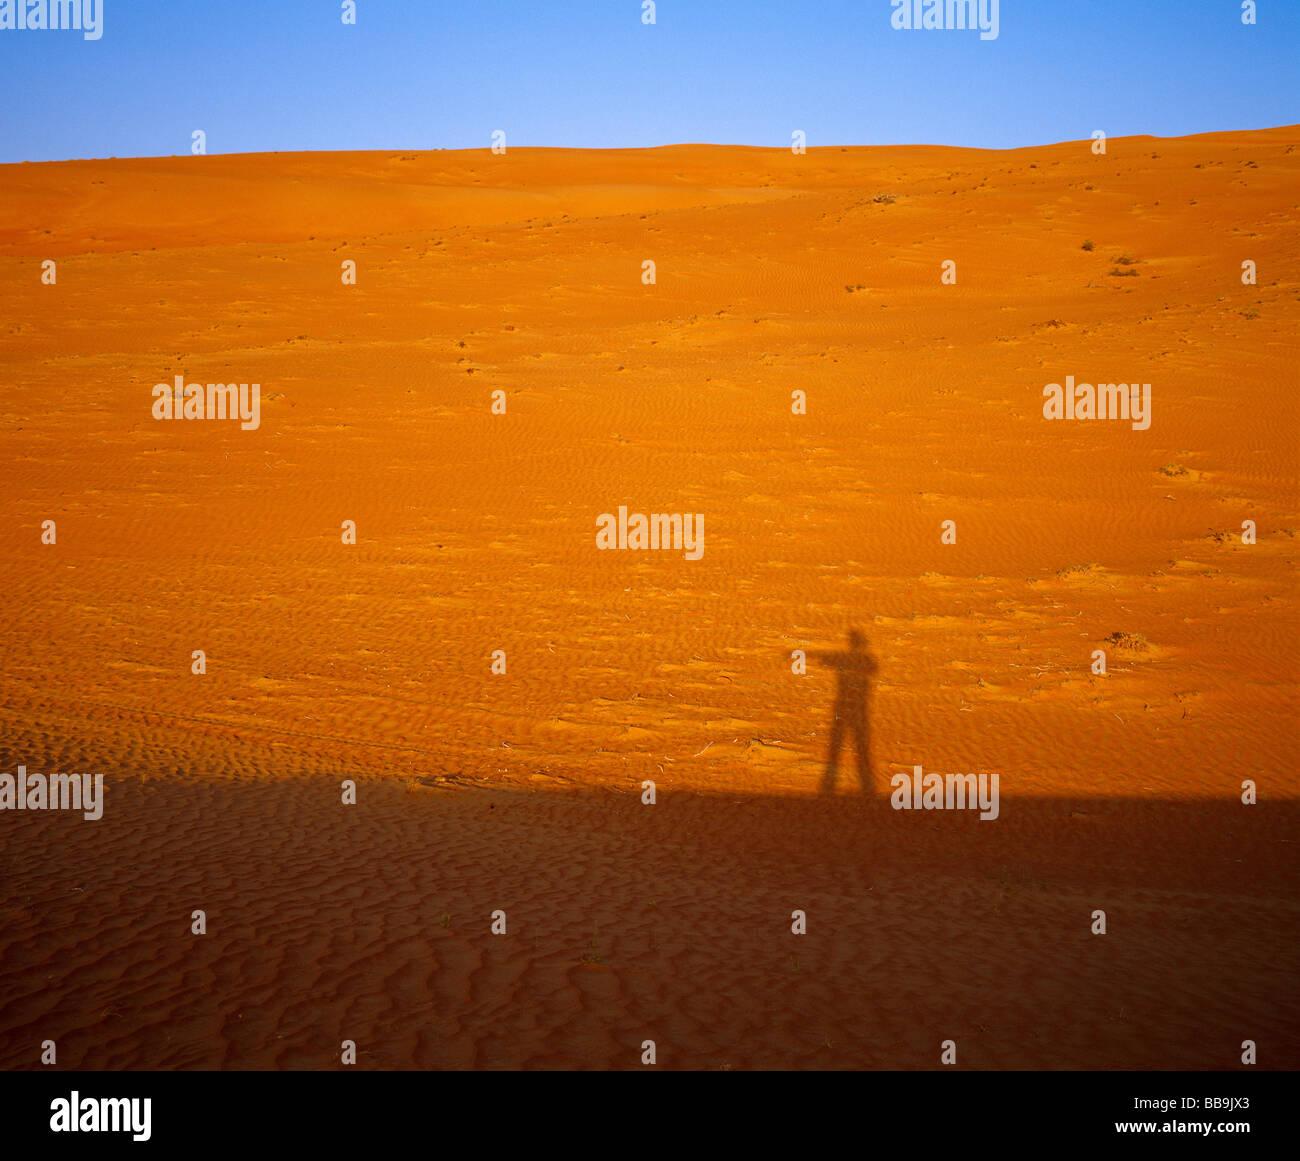 Schatten von einem Mann deutete die Richtung bei Sonnenuntergang in der Wüste Wahiba Sands Sharquiya Stockbild